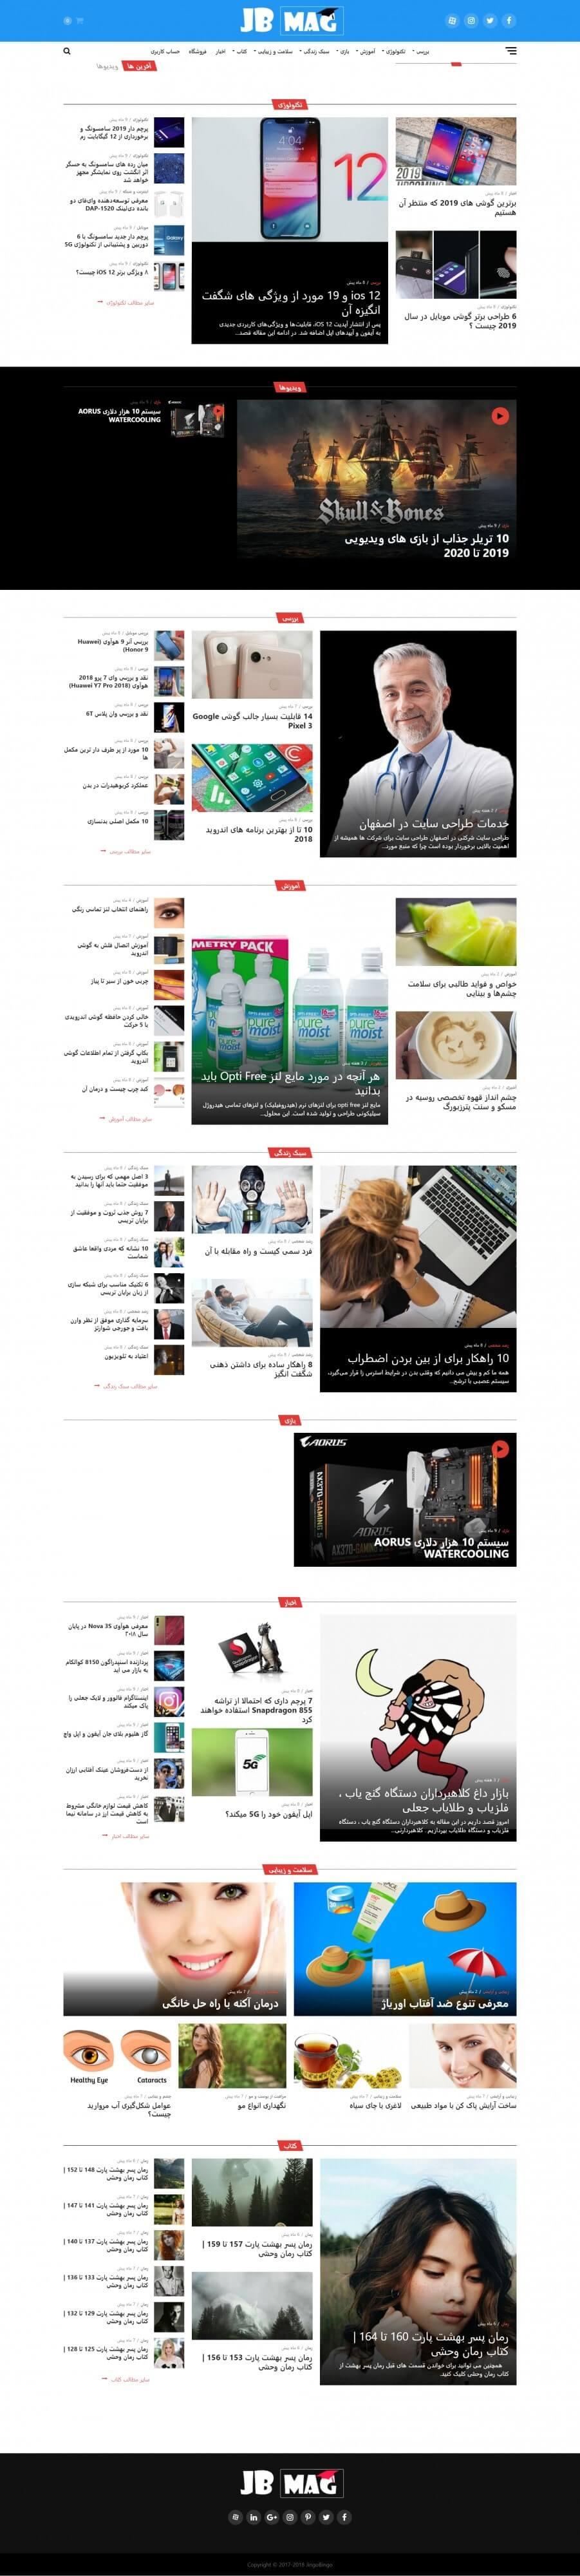 طراحی سایت خبری جینگو بینگو مگ